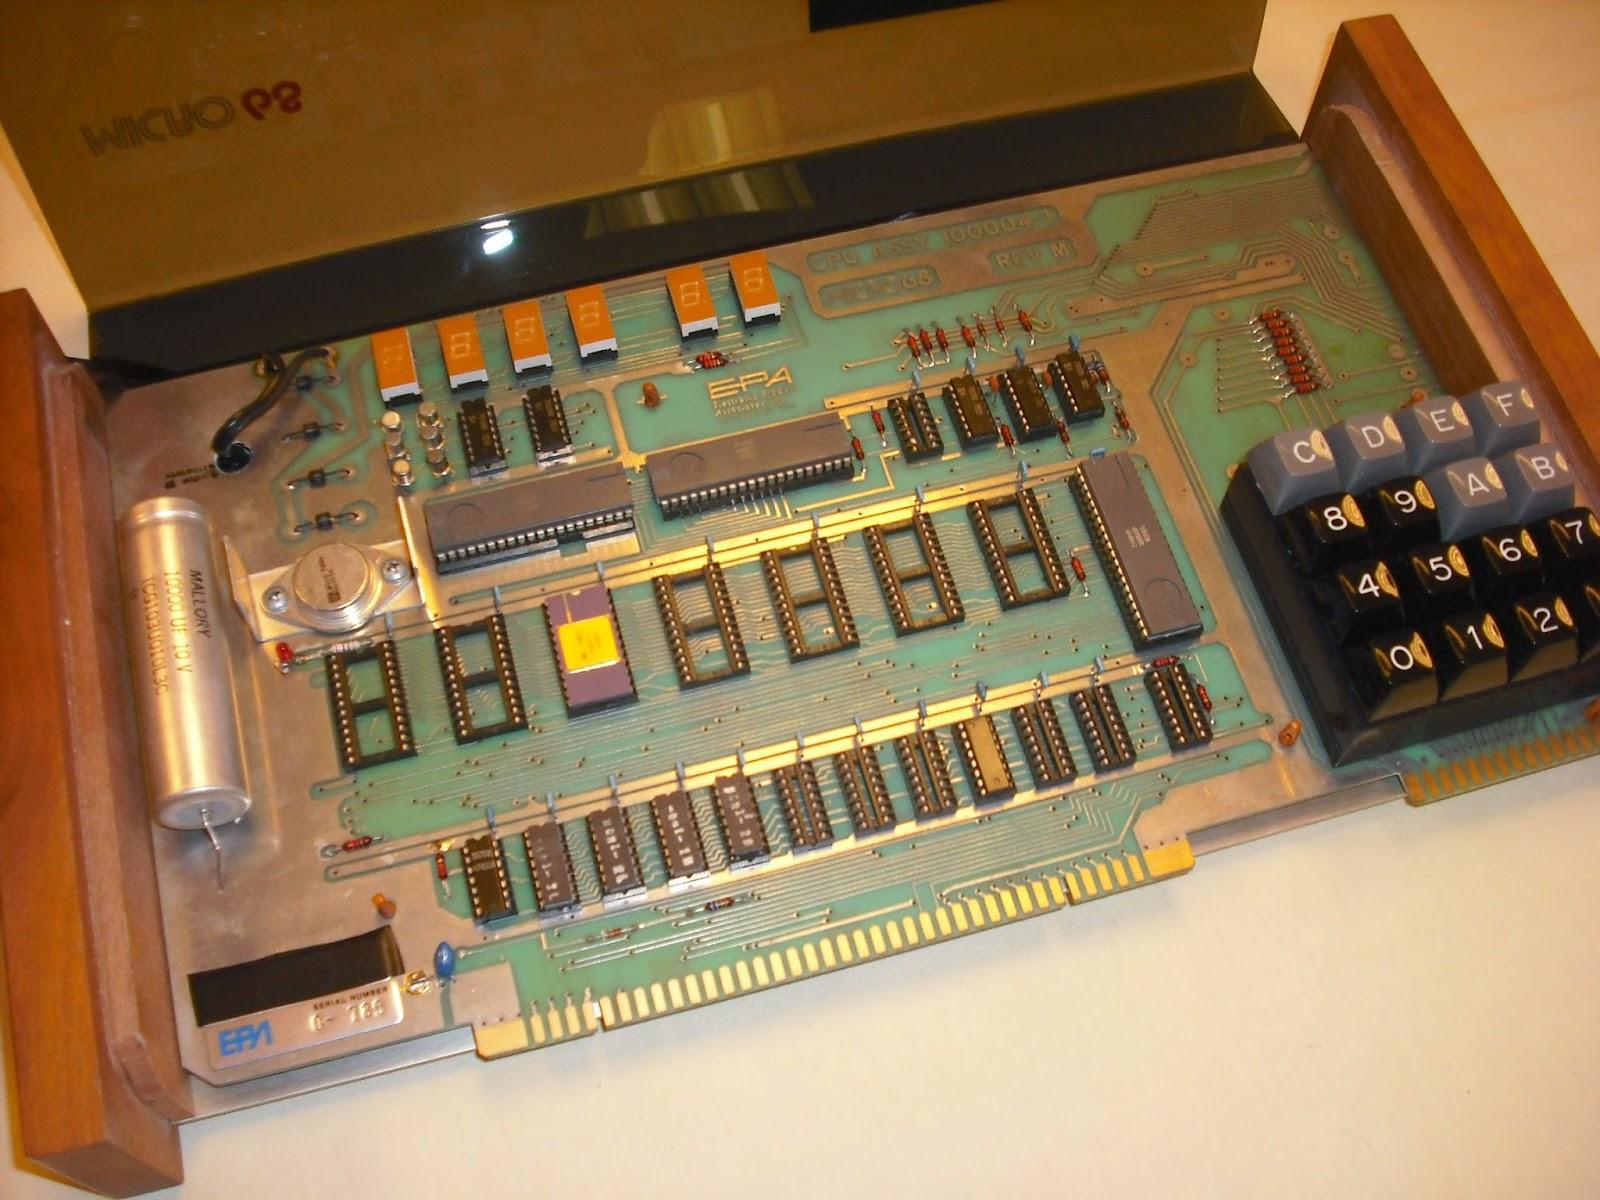 6800 microprocessor